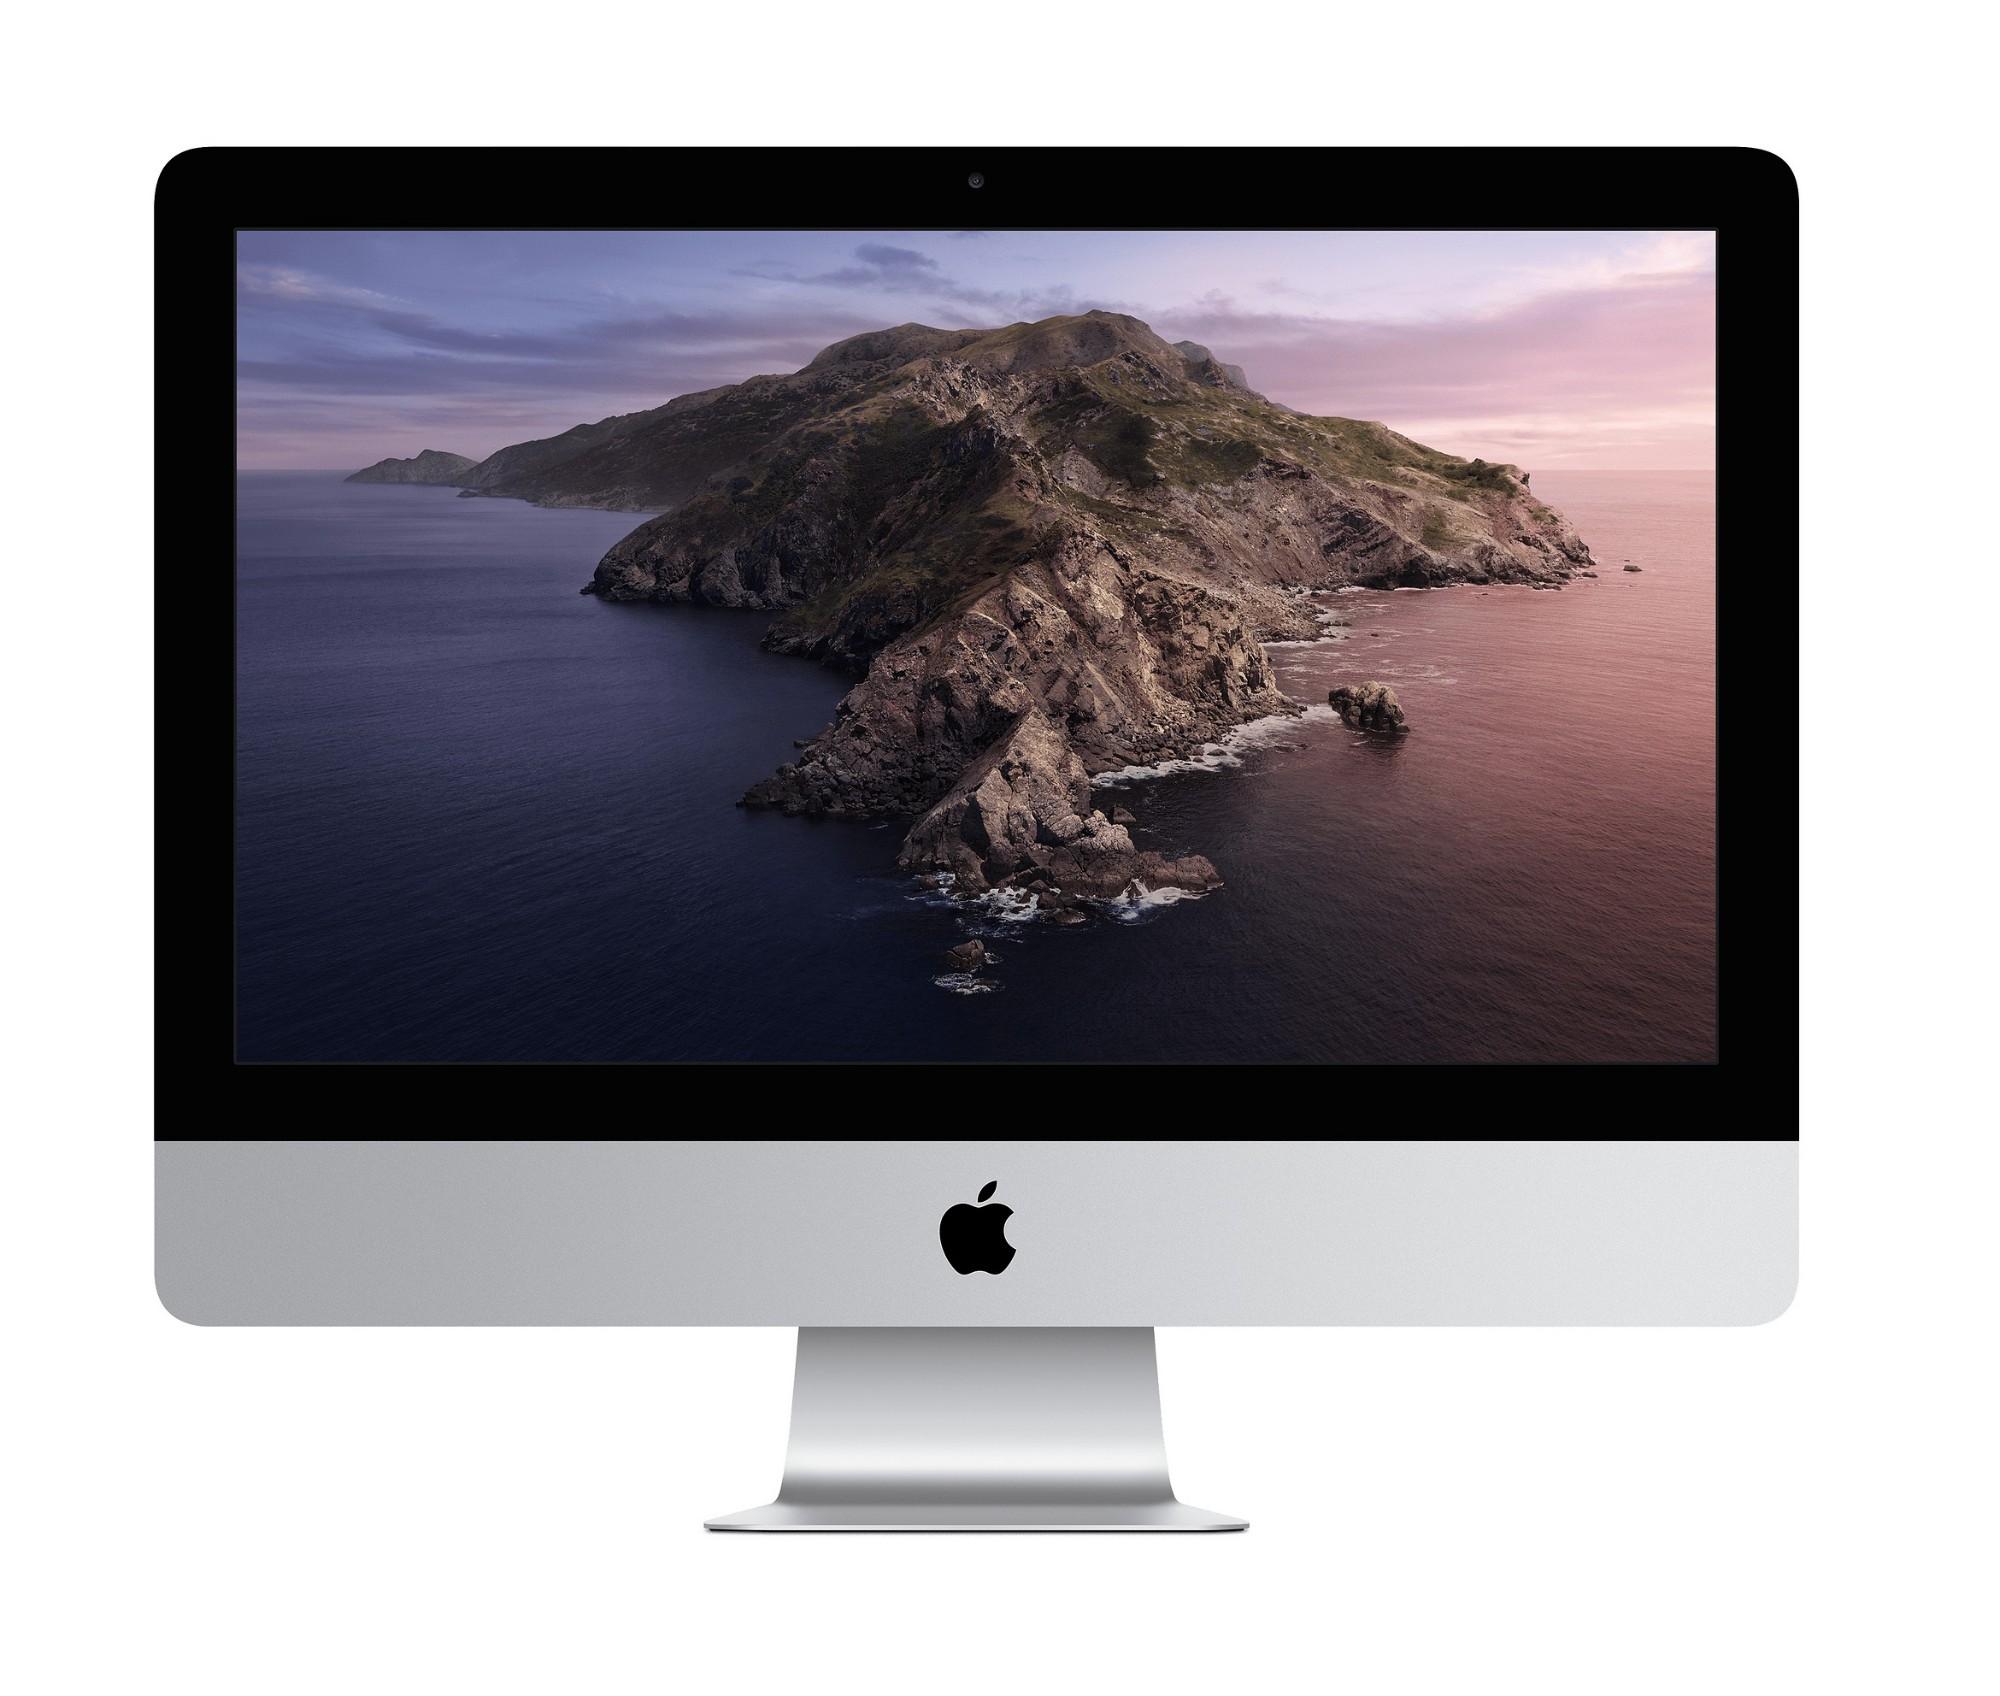 """Apple iMac 54.6 cm (21.5"""") 4096 x 2304 pixels 8th gen Intel-� Core��� i3 8 GB DDR4-SDRAM 256 GB SSD All-in-One PC AMD Radeon Pro 555X macOS Catalina 10.15 Wi-Fi 5 (802.11ac) Silver"""